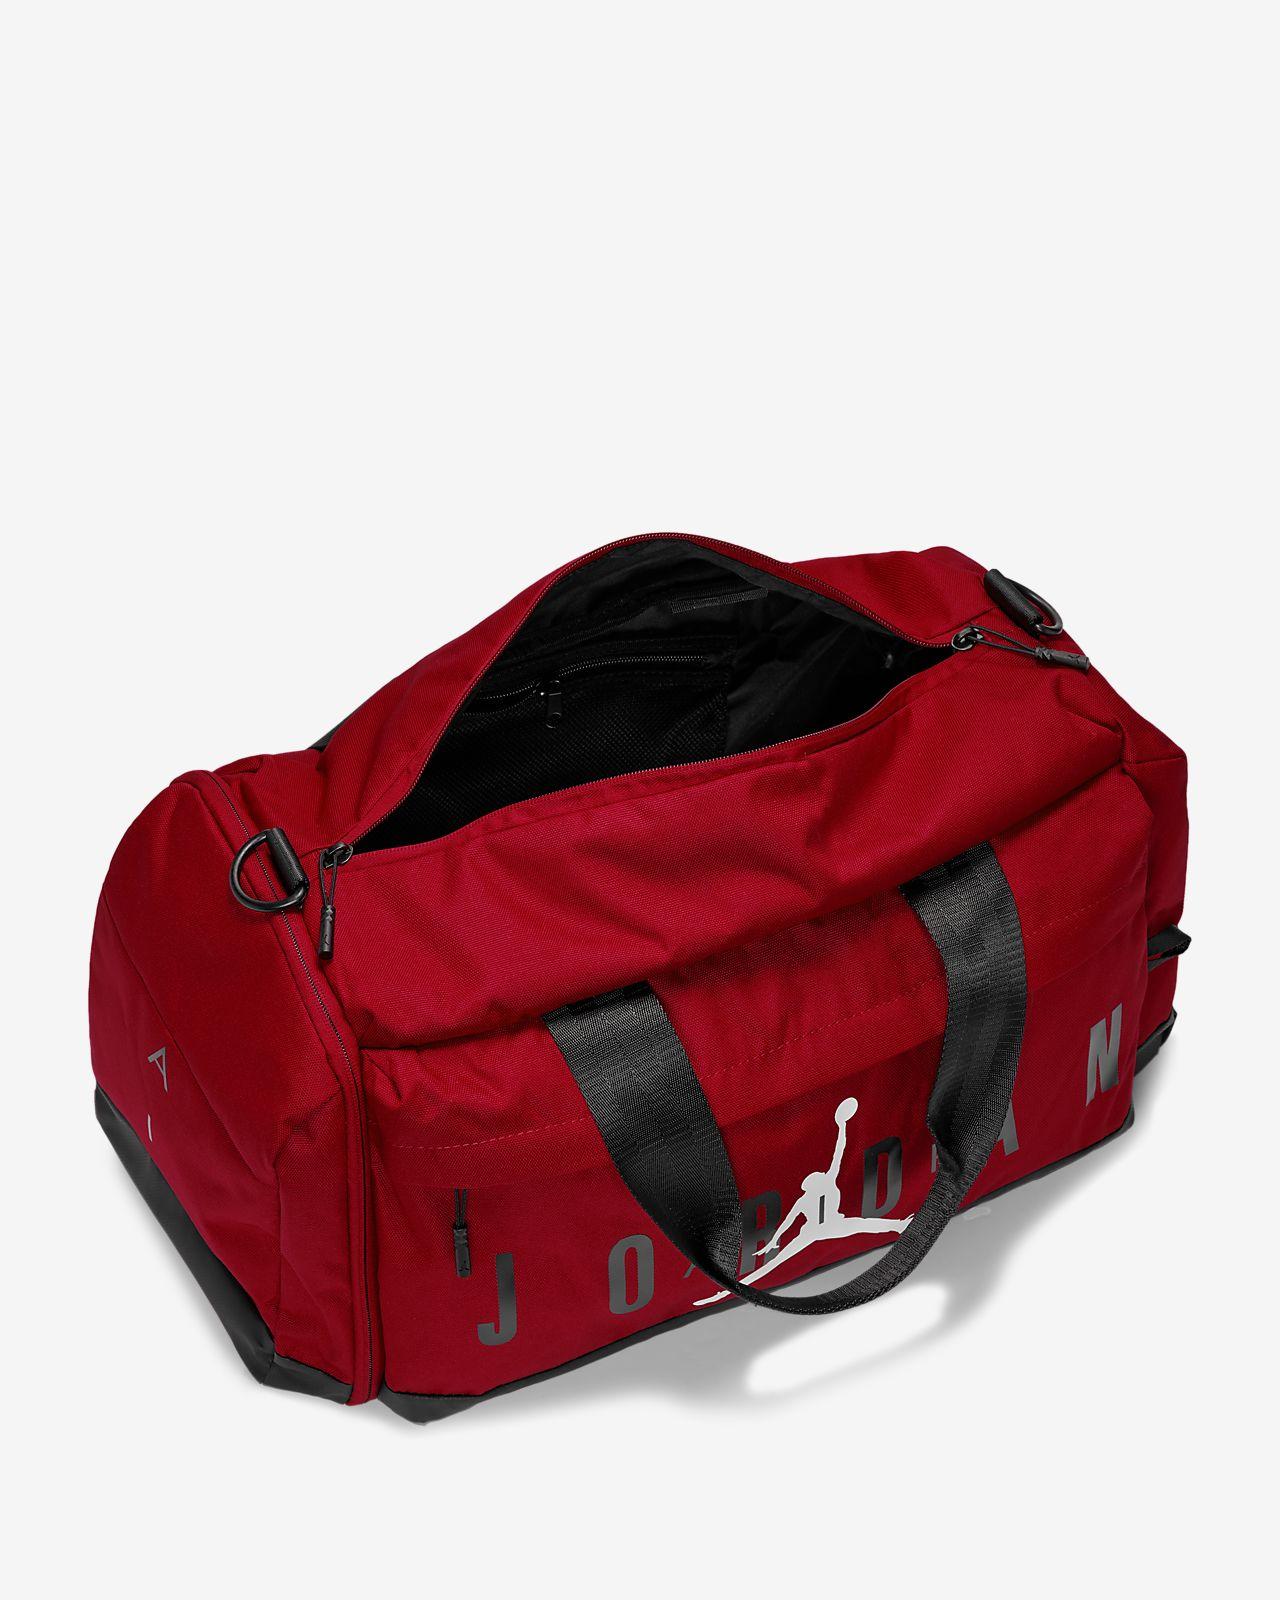 online retailer 5cd9b 799f0 ... Jordan Jumpman Air Duffel Bag